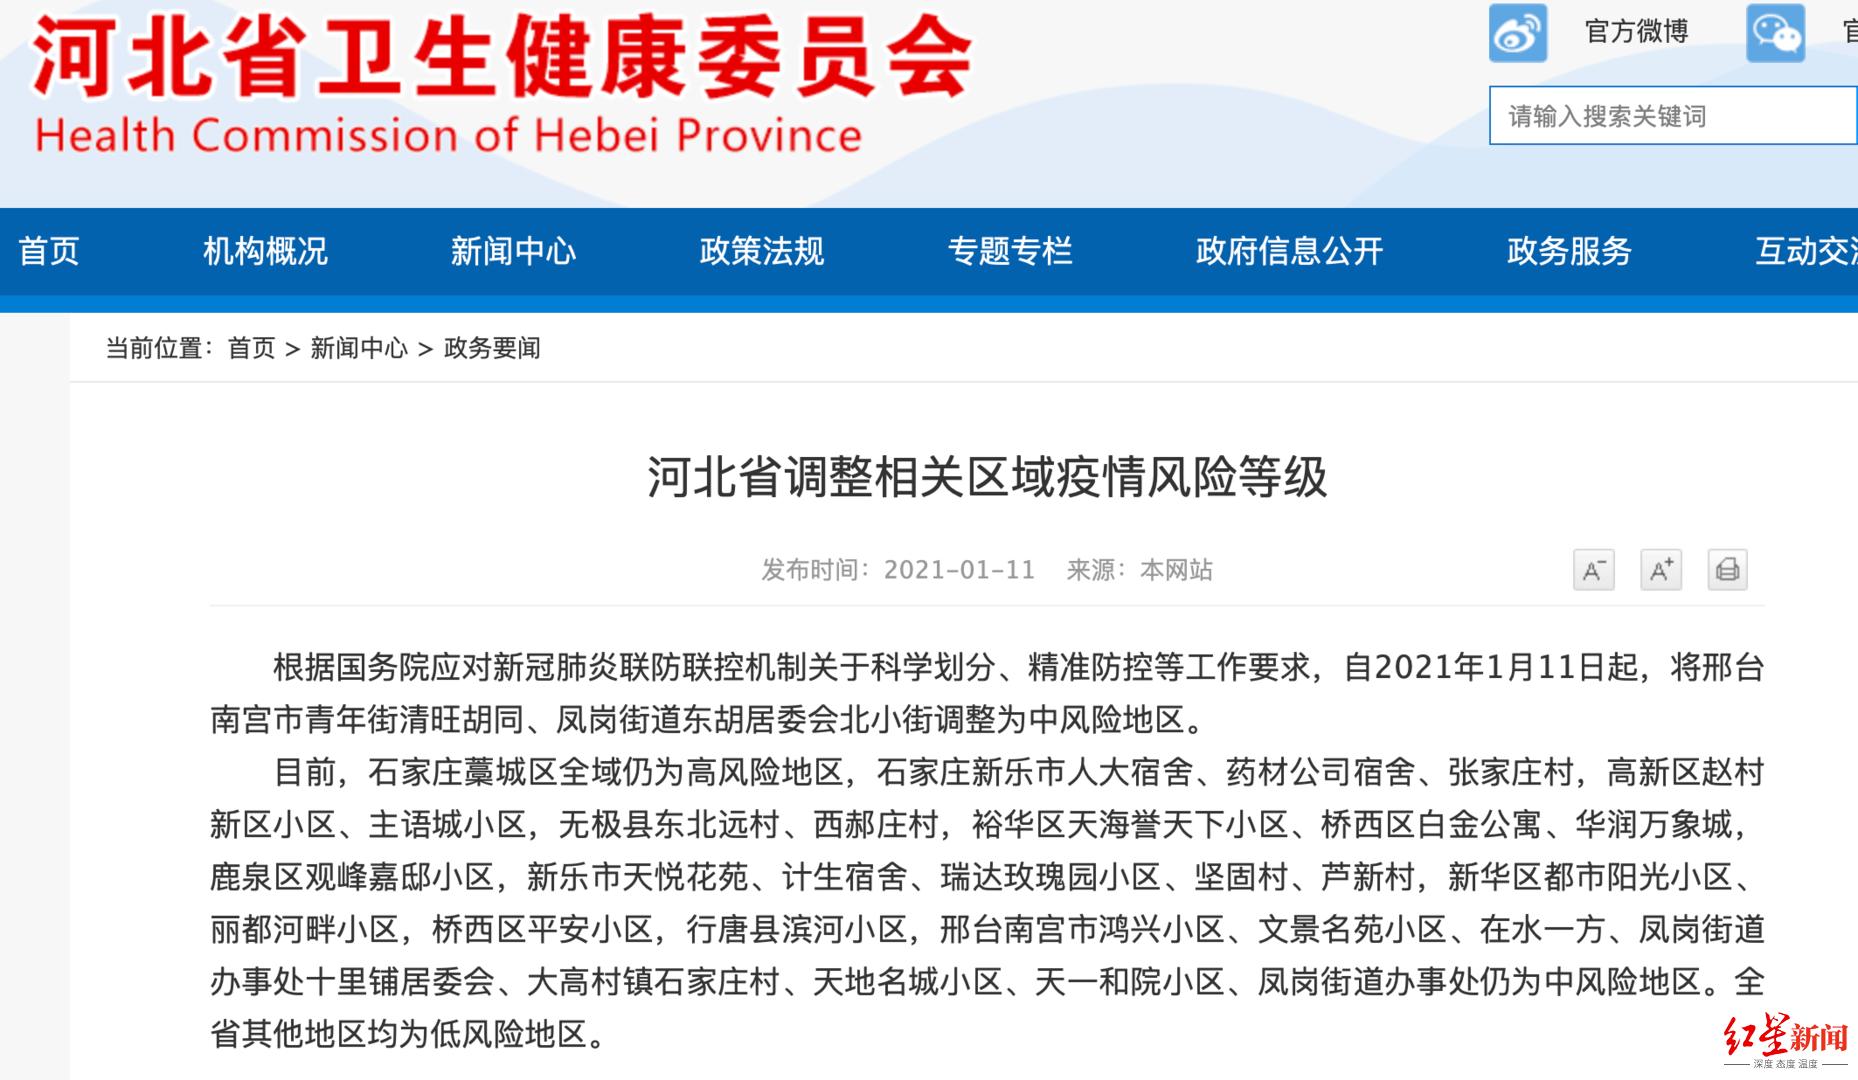 河北邢台南宫市两地区调整为中风险地区